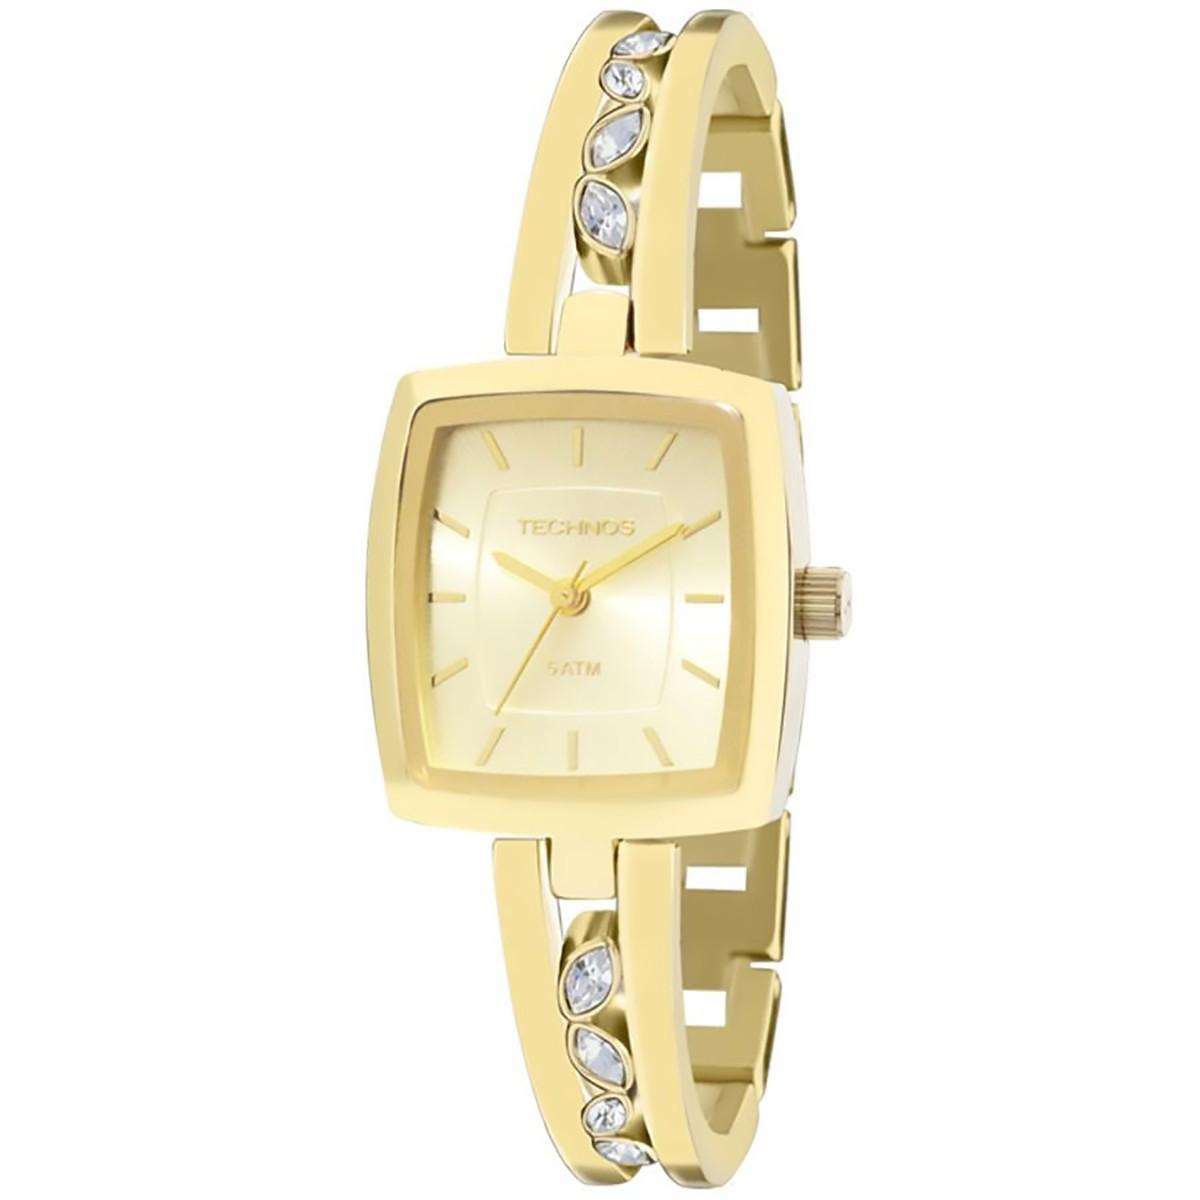 7b472c8010b Compre Relógio Feminino Analógico Technos Elegance em 10X